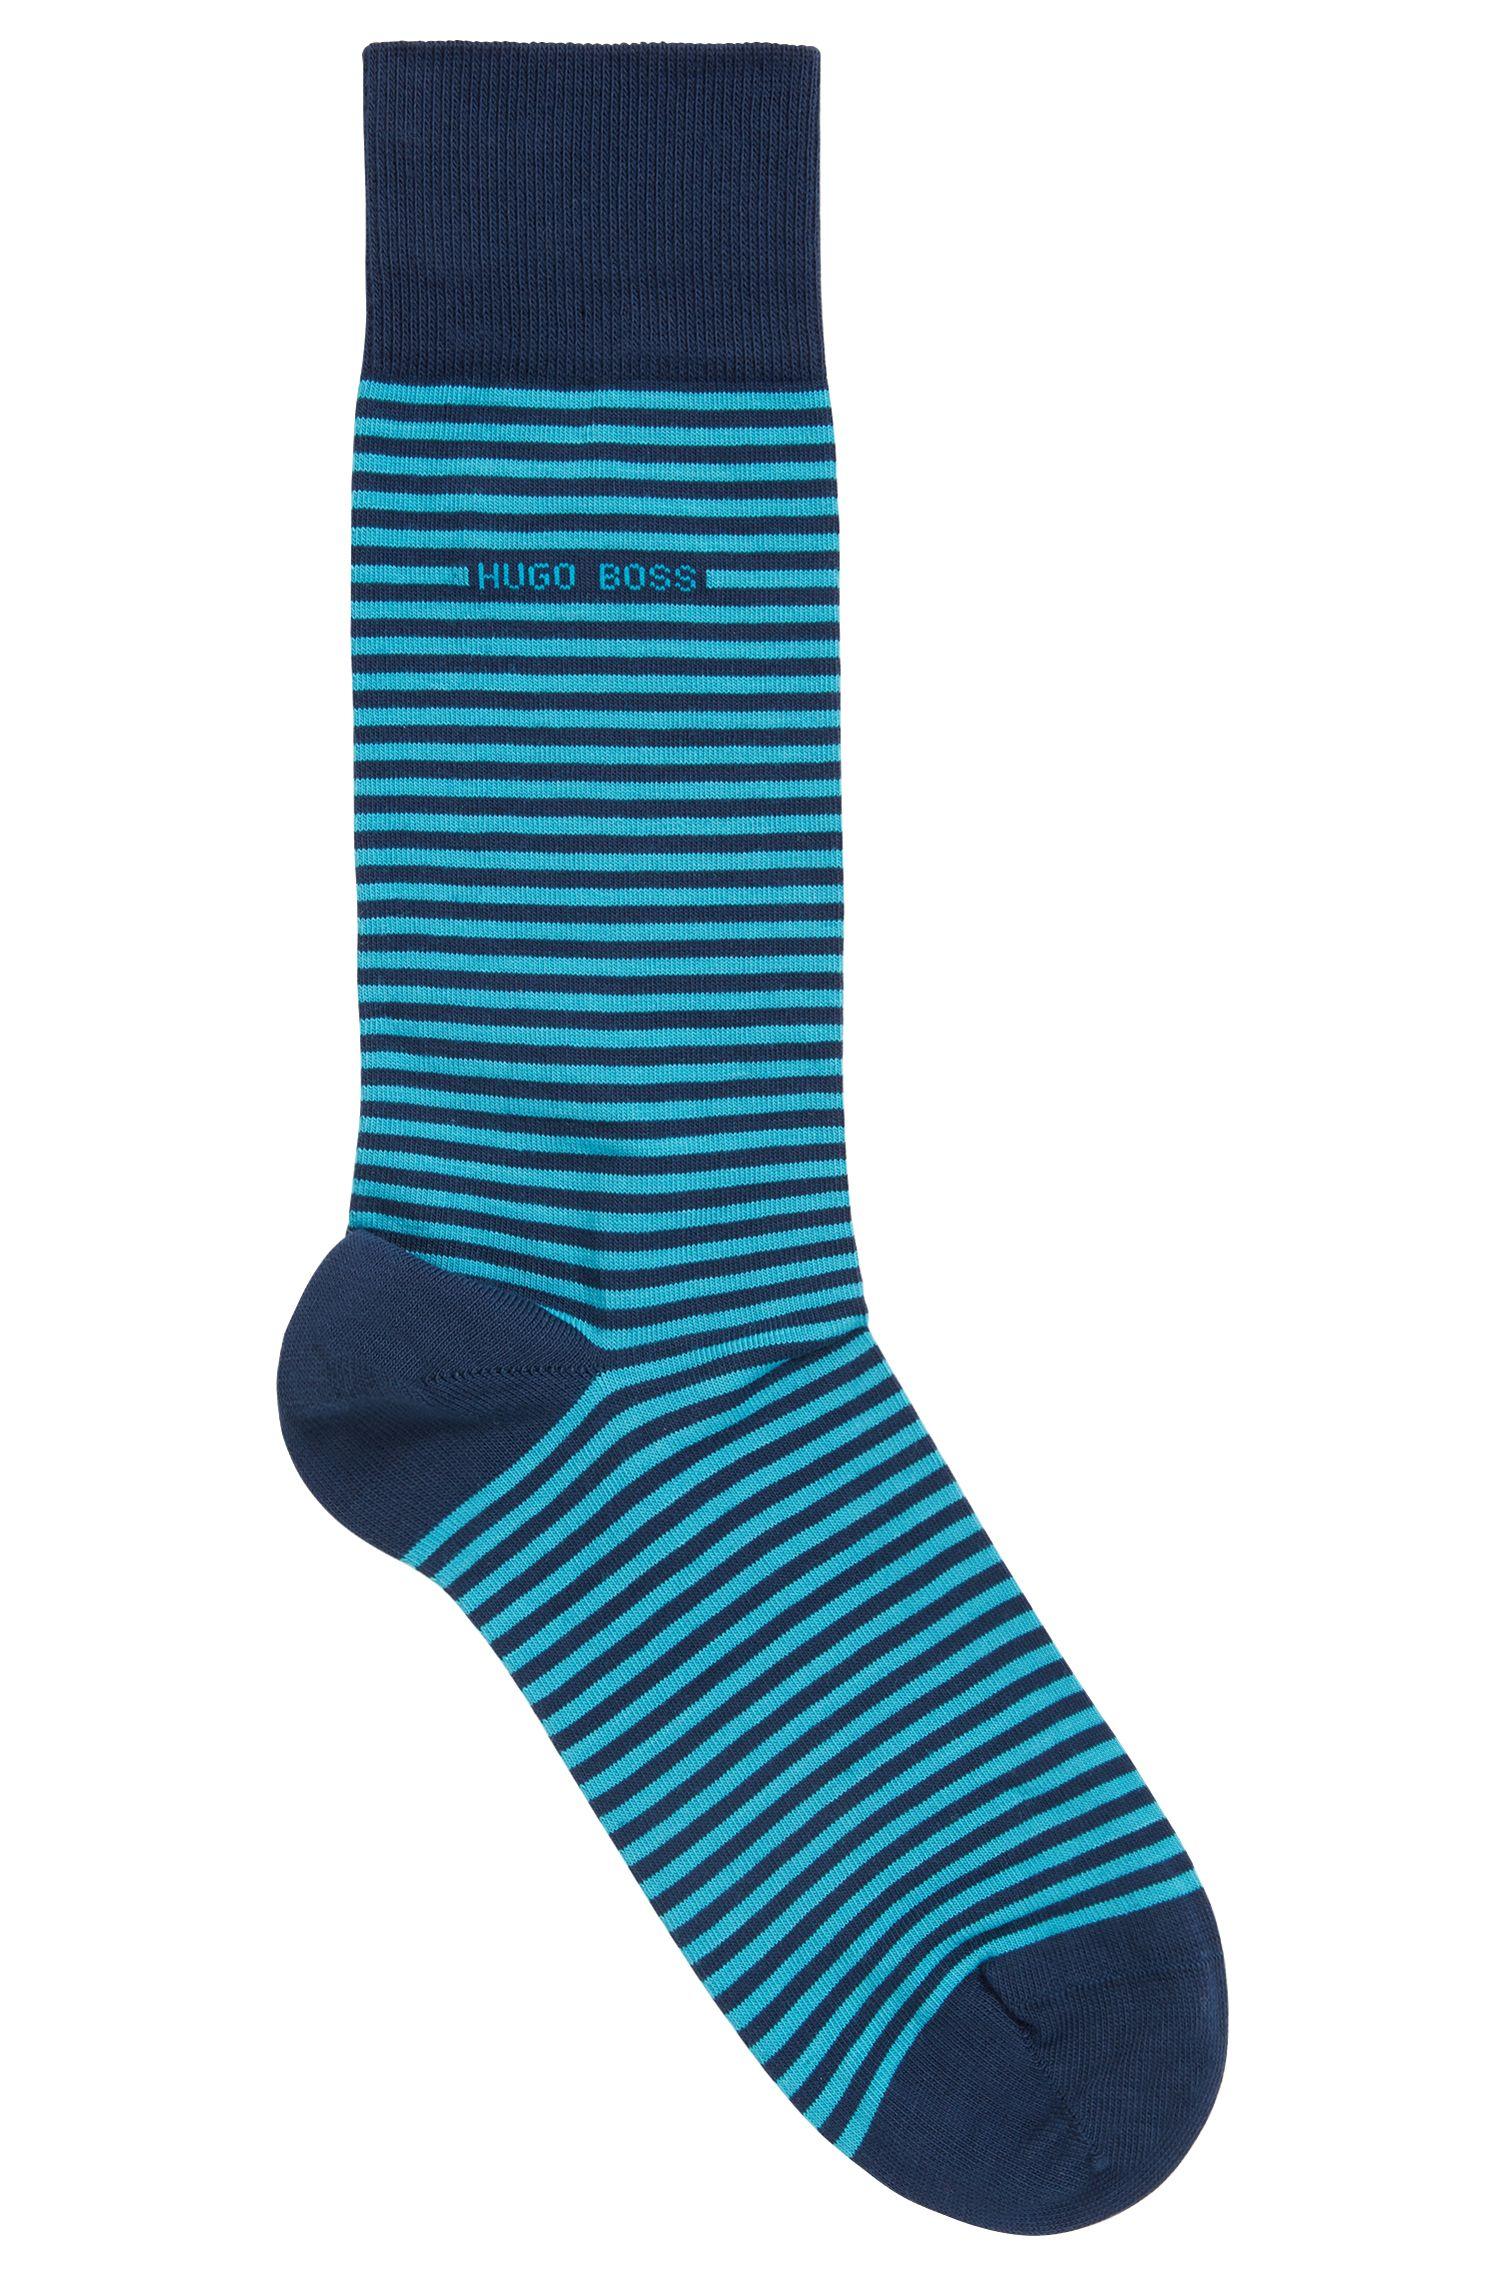 Mittelhohe Socken aus elastischem Baumwoll-Mix mit Streifen-Muster